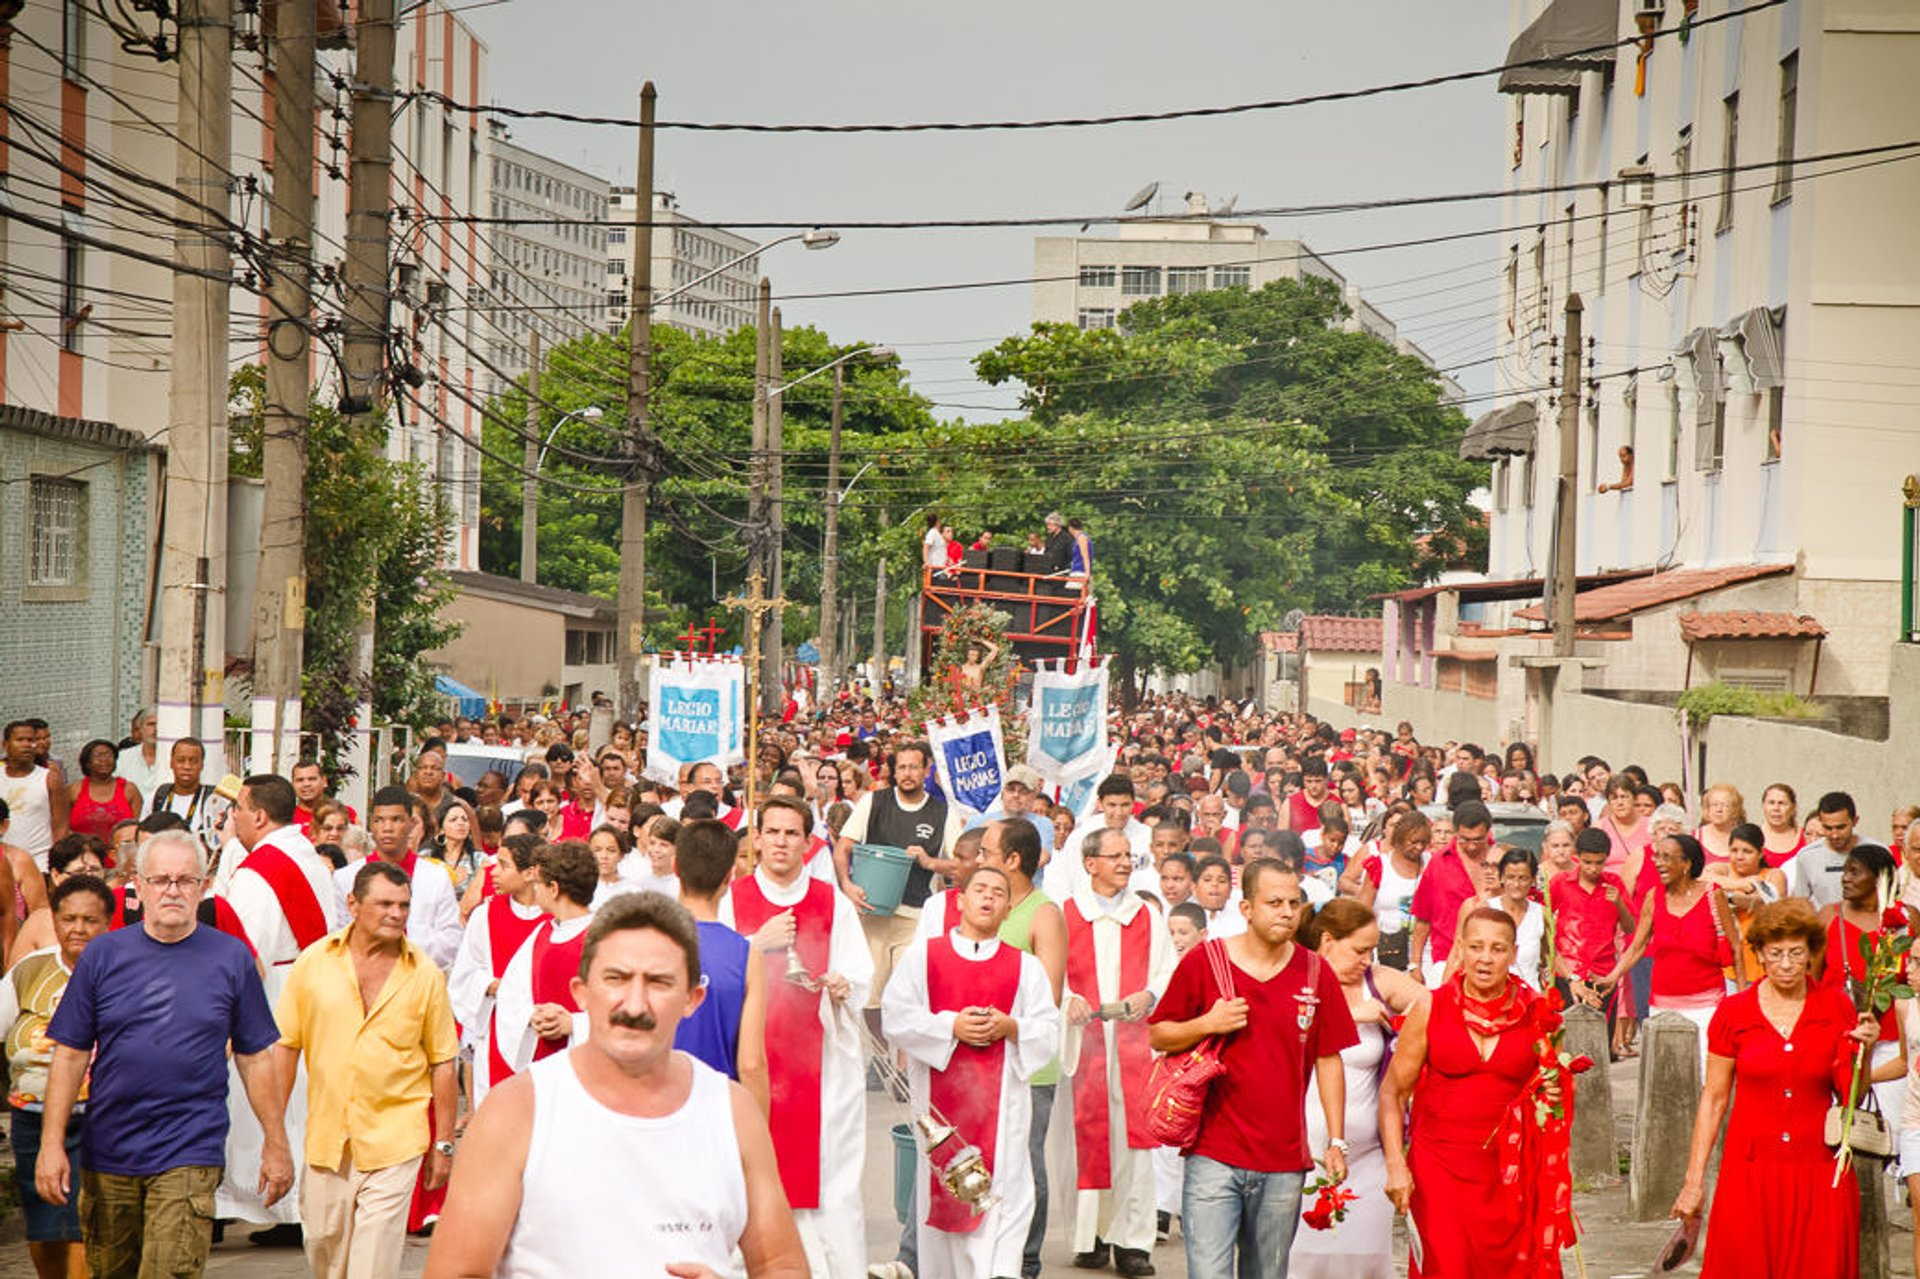 St. Sebastian's Day in Rio de Janeiro - Best Season 2020